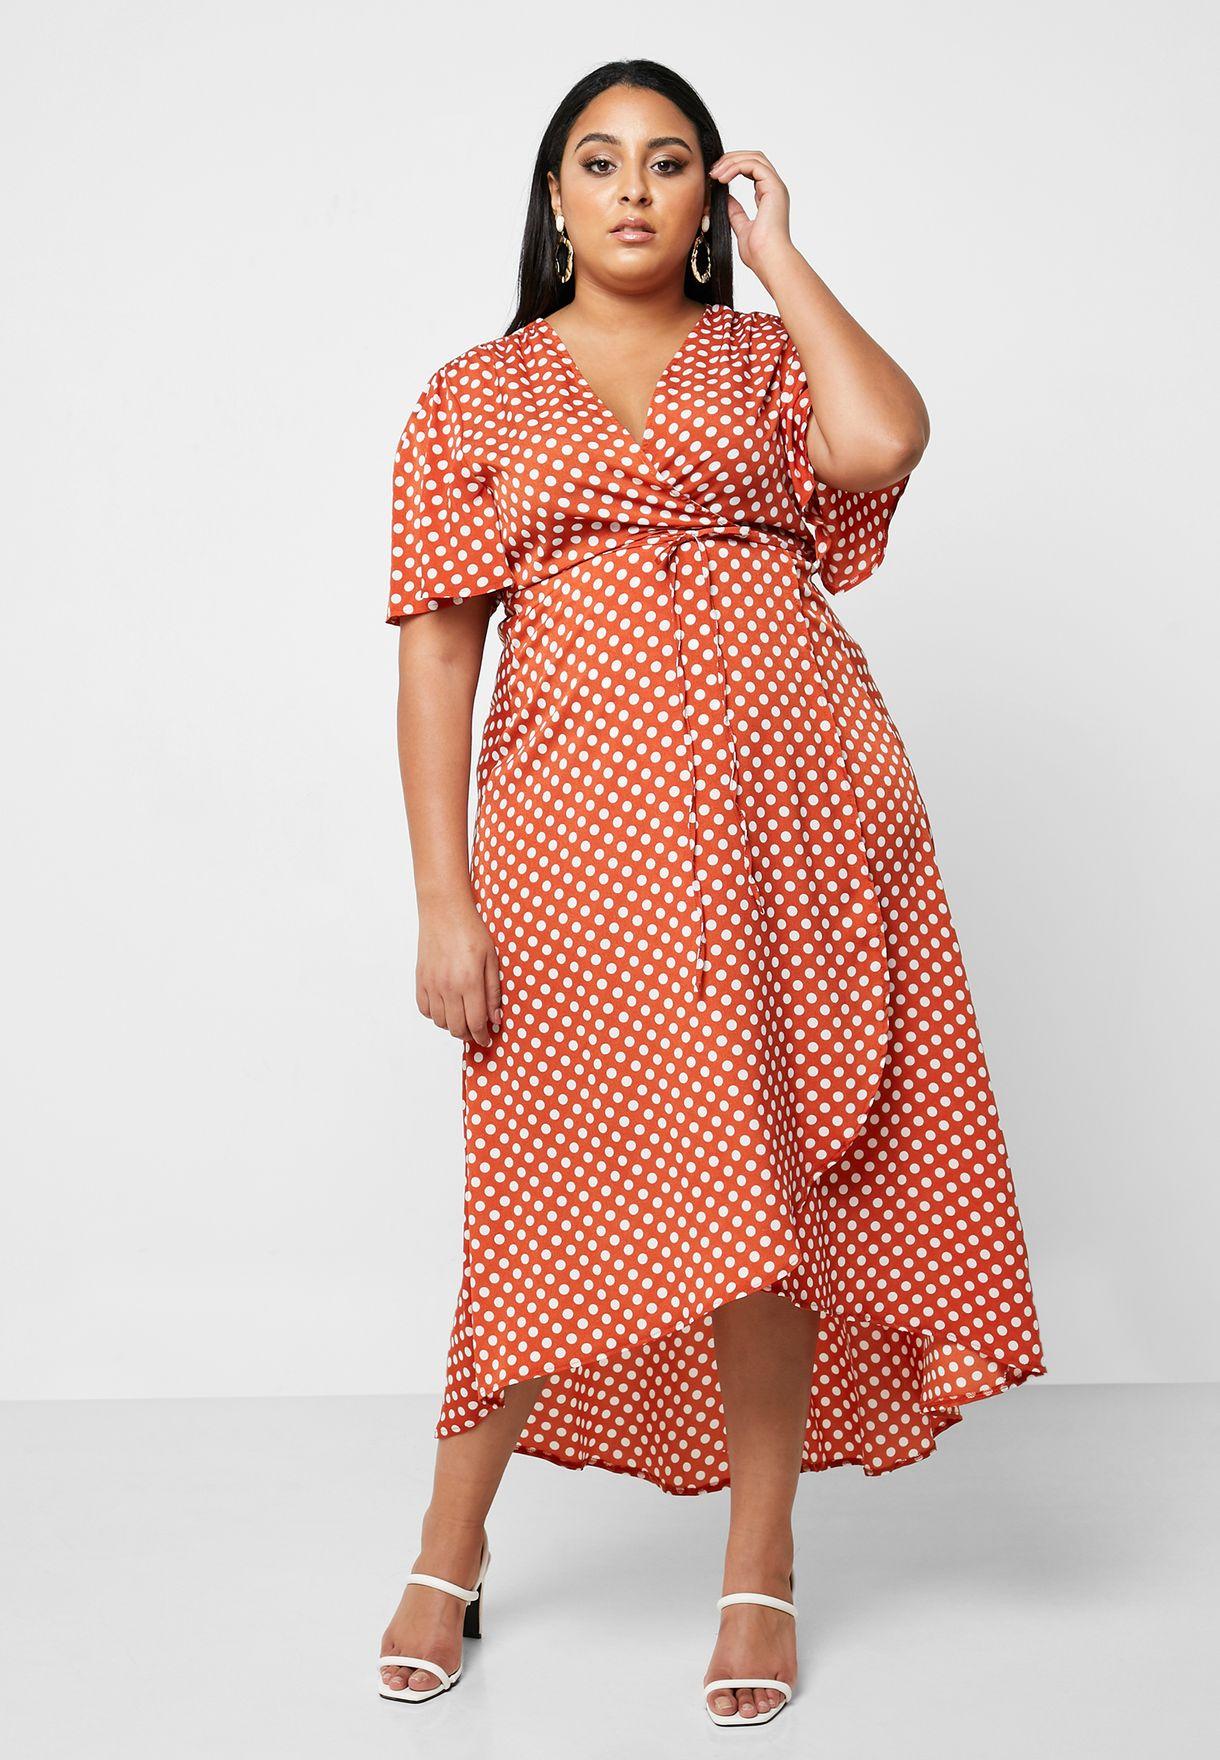 Polka Dot High Low Wrap Dress